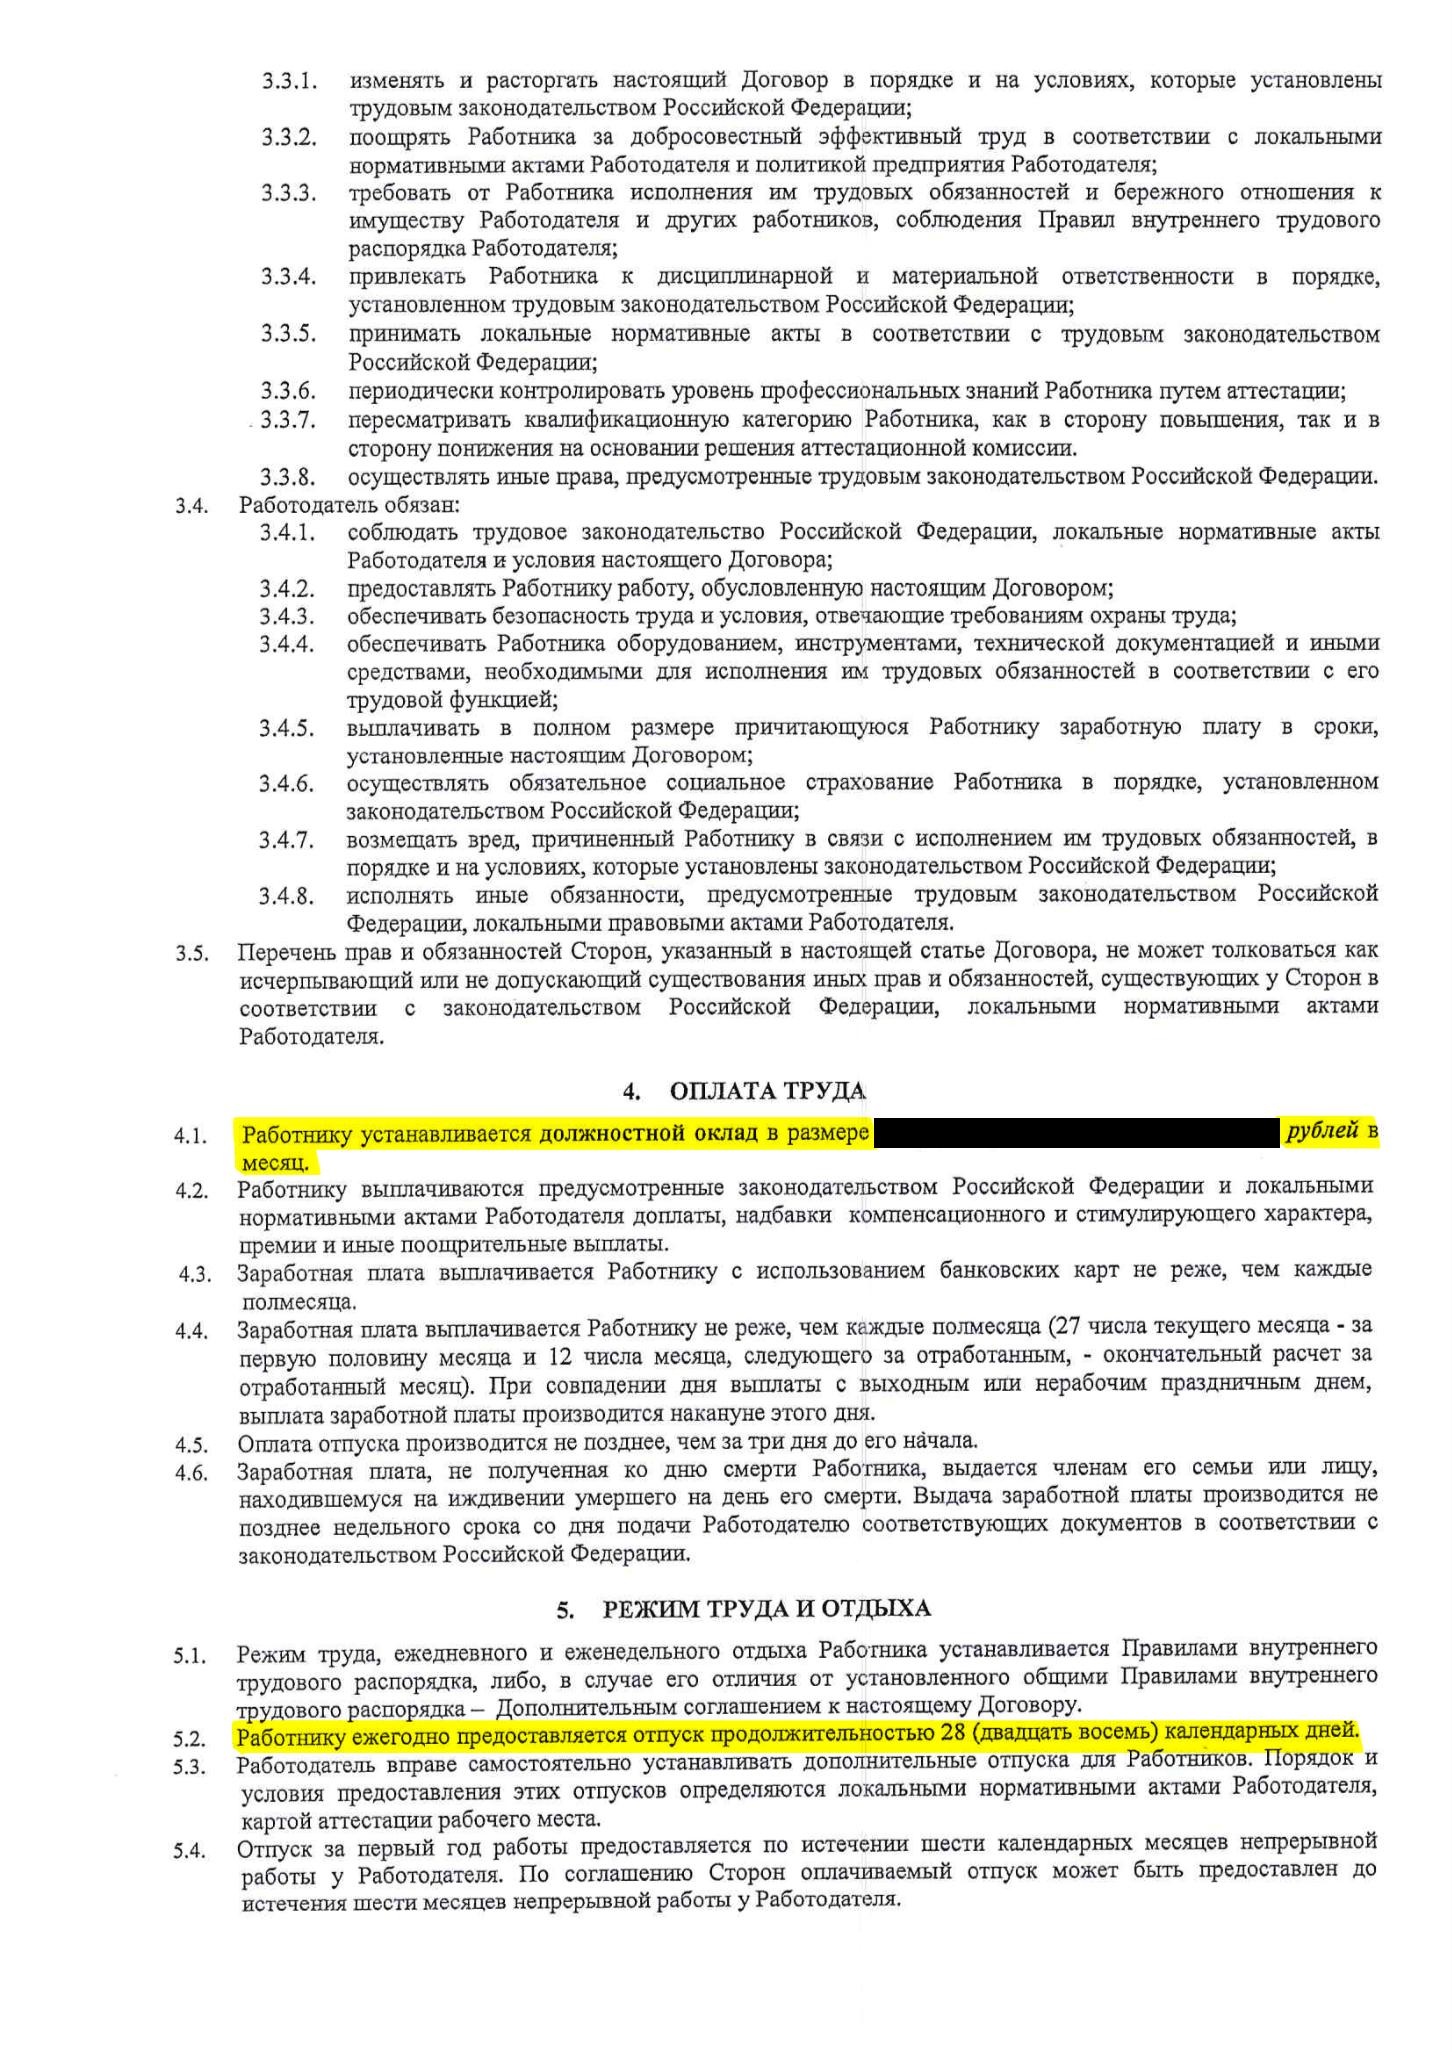 Раздел трудового договора об оплате труда и описание режима работы и отдыха